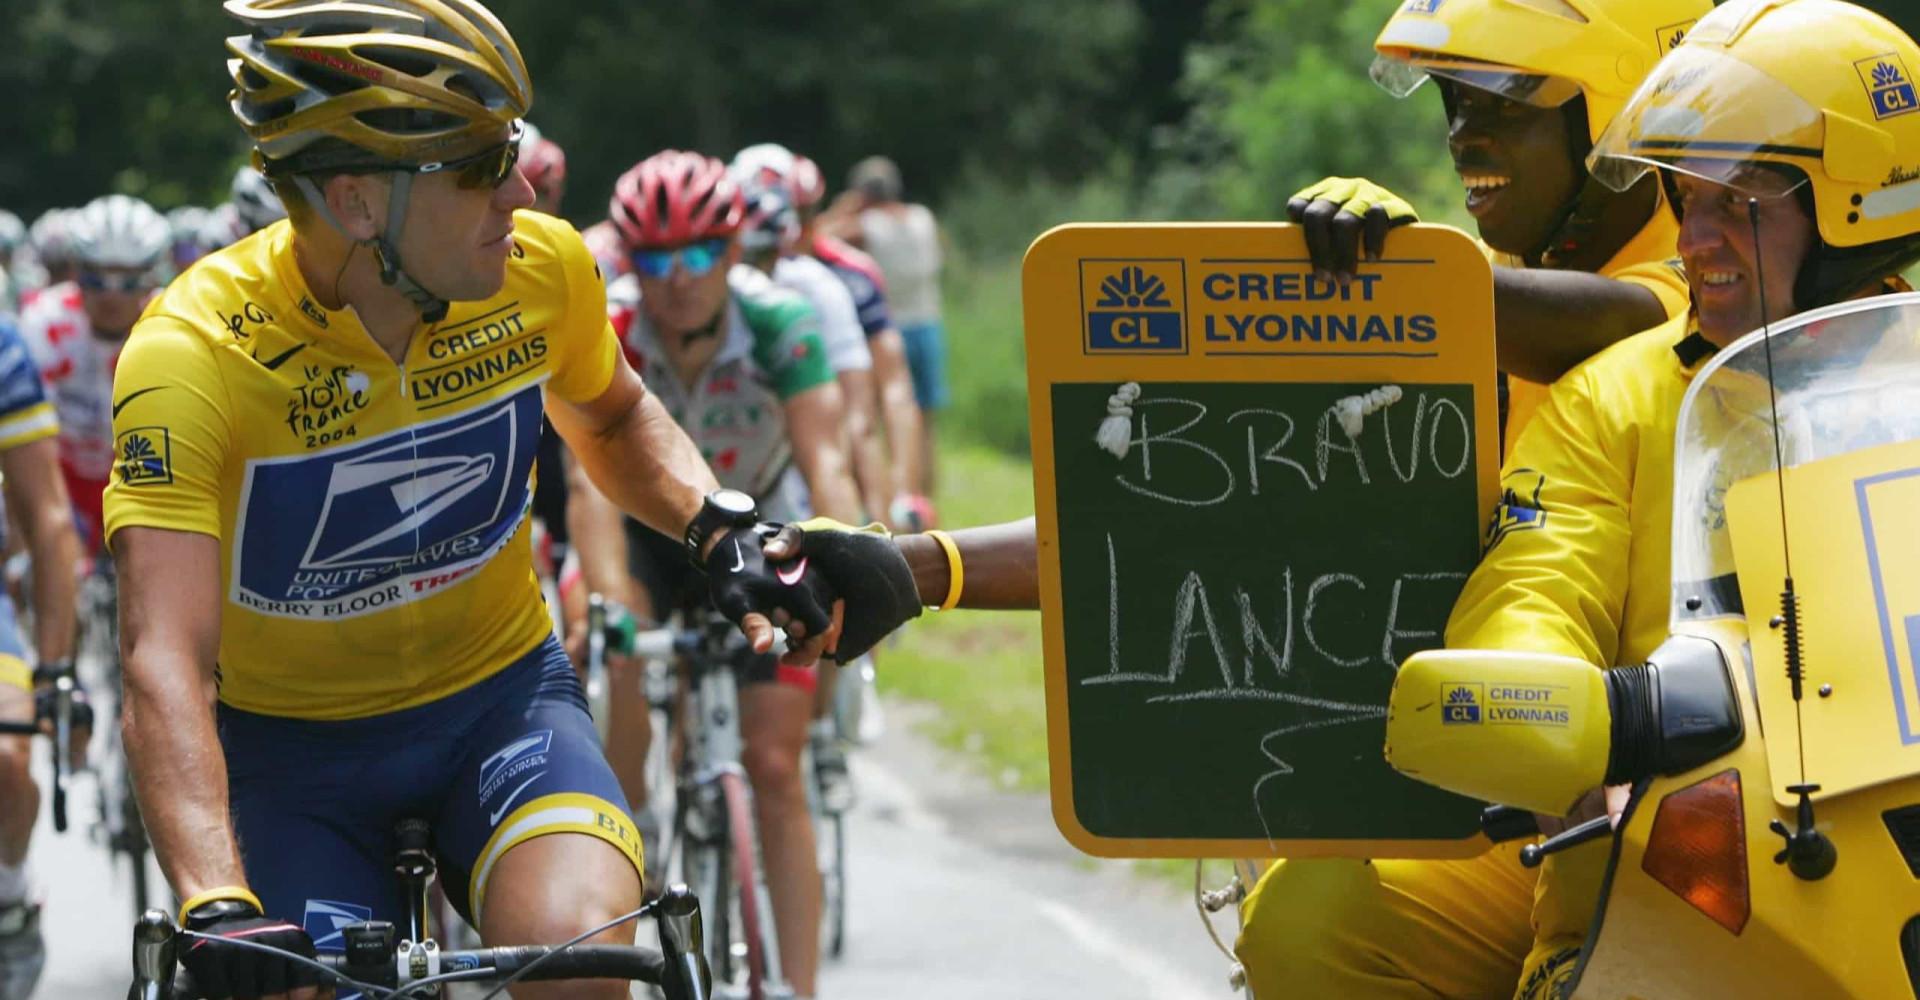 Les plus grands scandales de dopage de l'Histoire du Tour de France